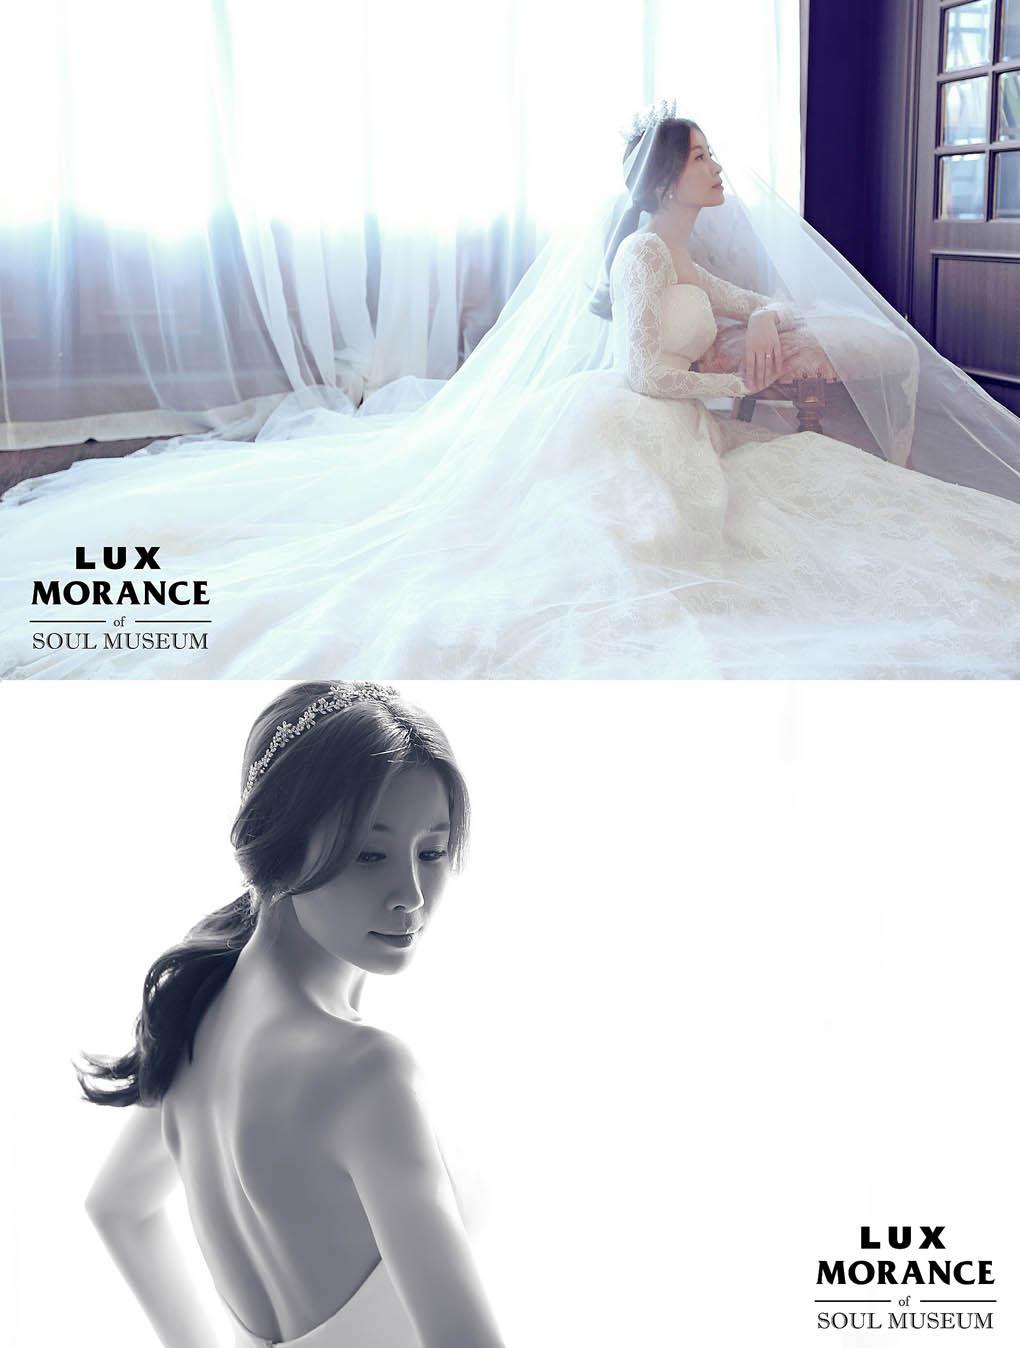 李泰蘭3月下嫁同齡圈外男友_1